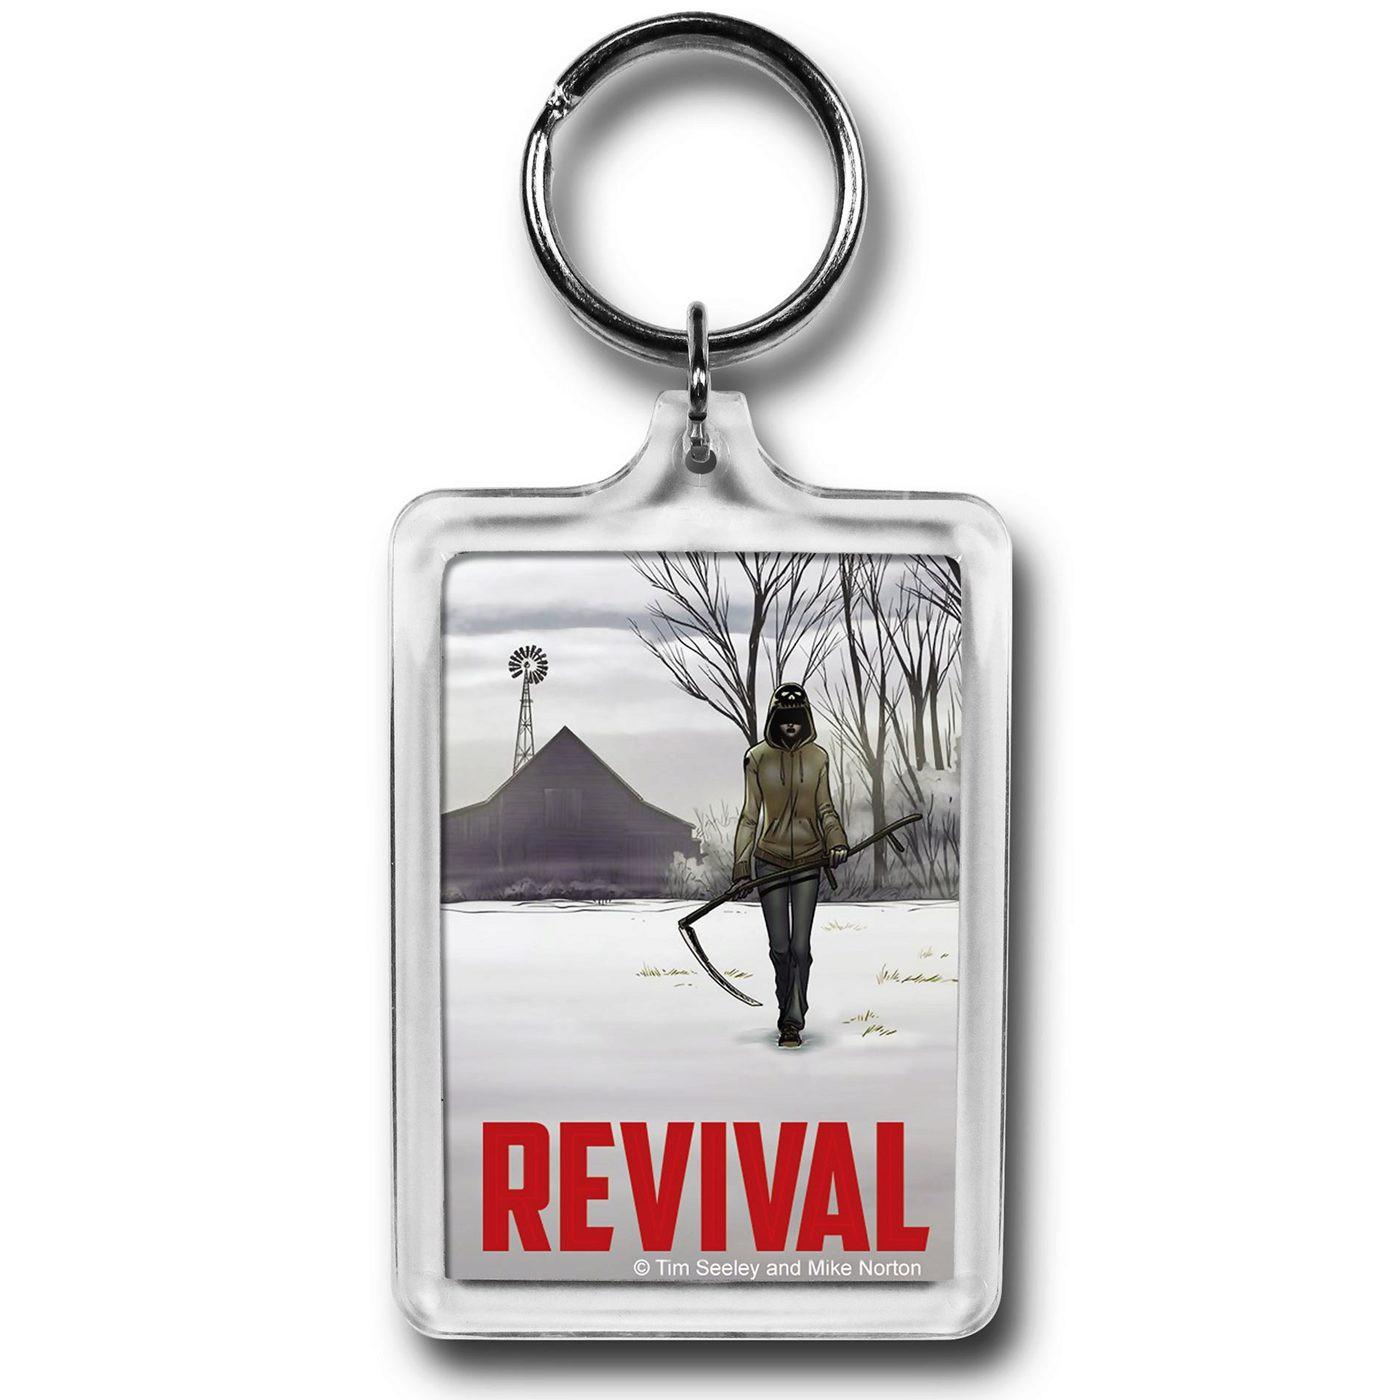 Revival Em Scythe Lucite Keychain